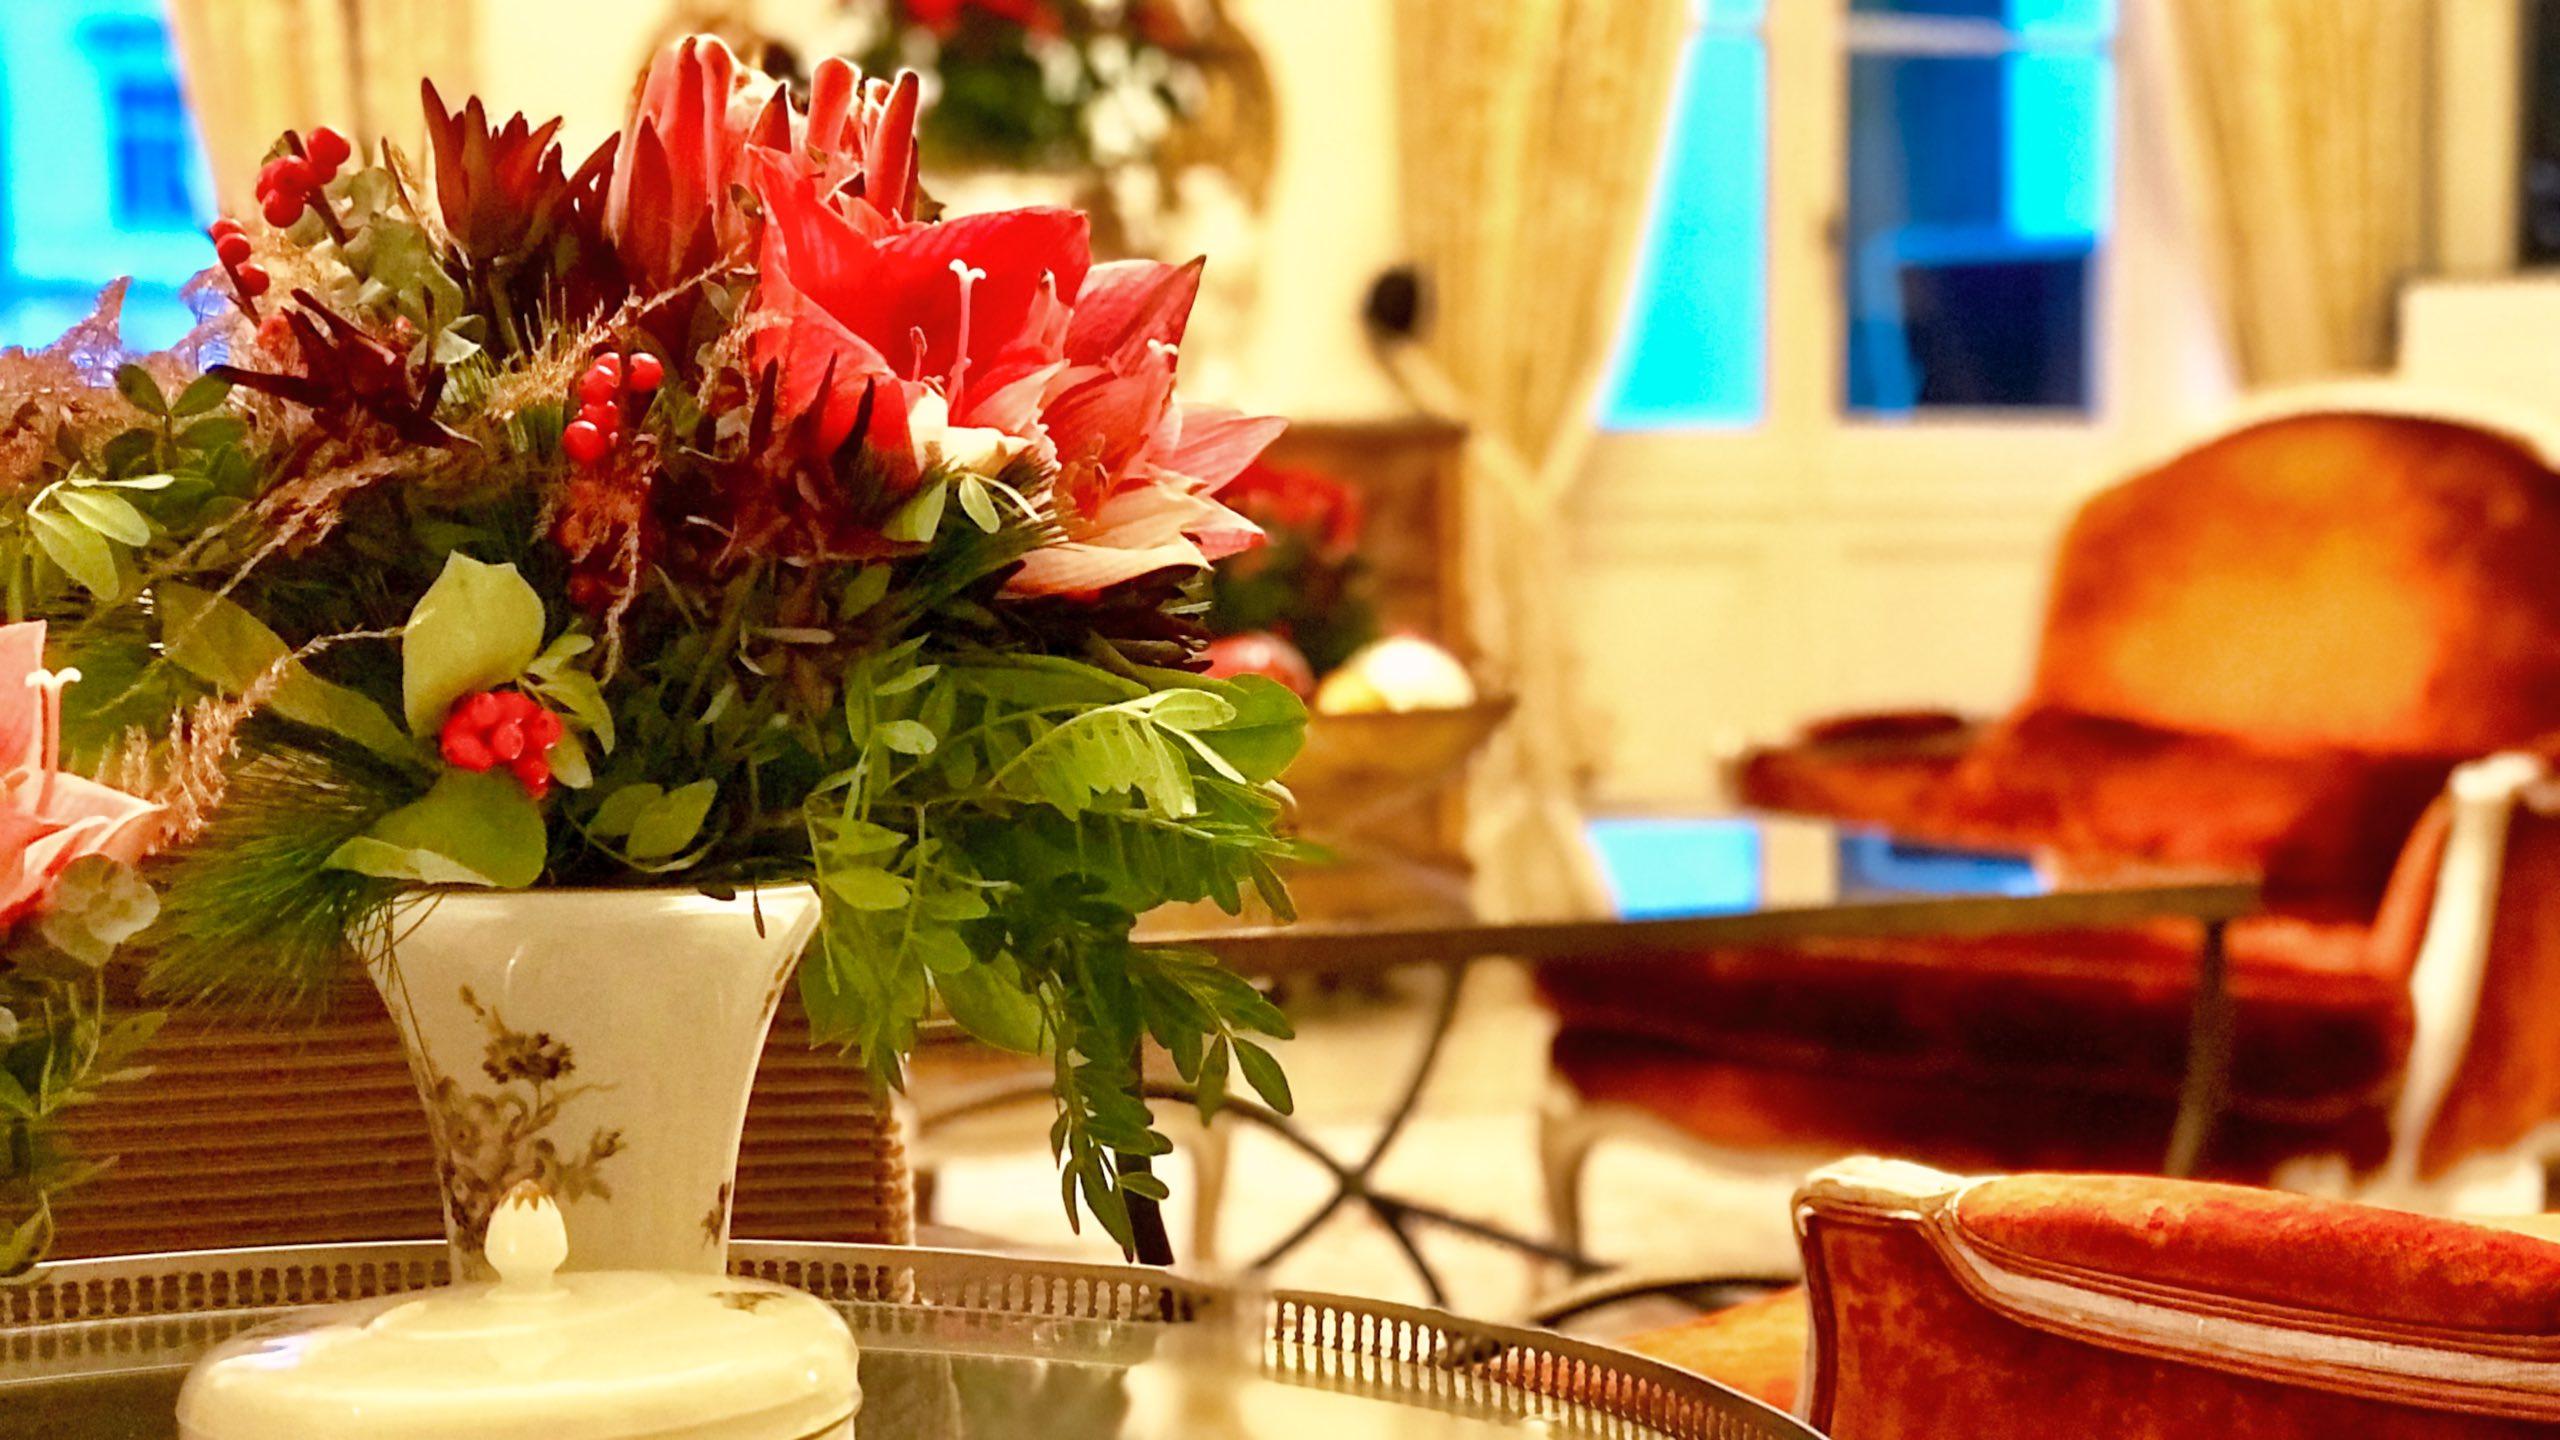 Ankommen und bleiben. Grand Hotel Heiligendamm ein weihnachtlich geschmücktes Märchenschloss.